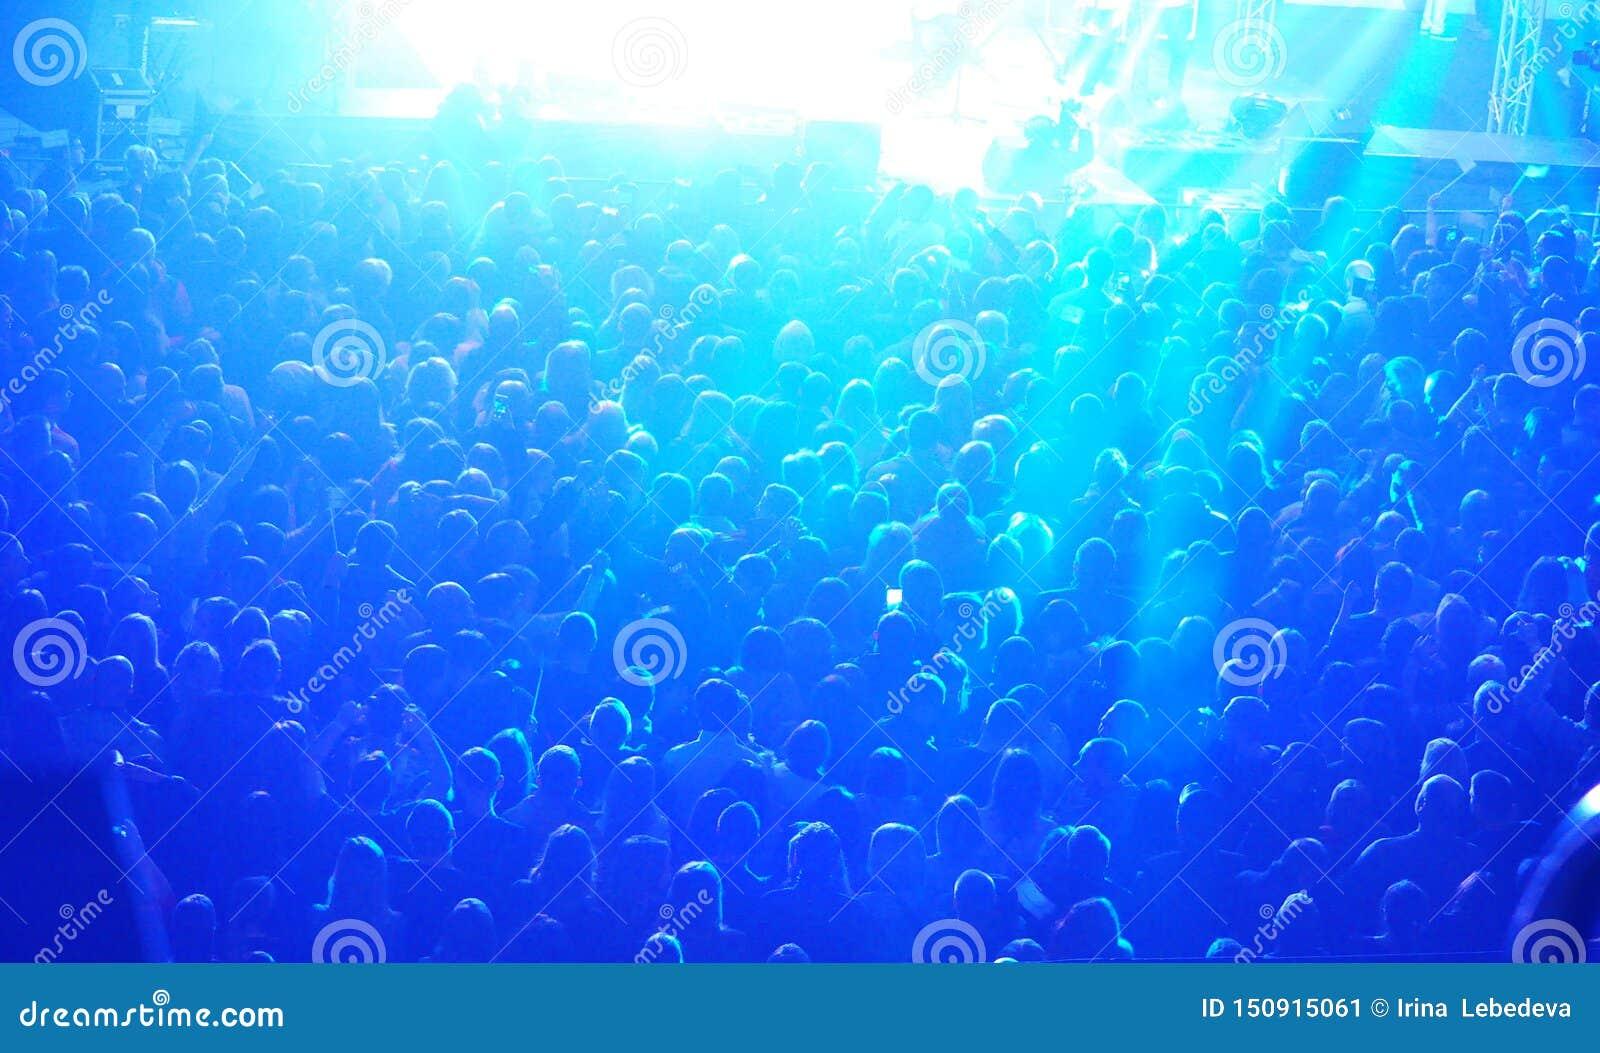 Een grote menigte van mensen bij het overleg